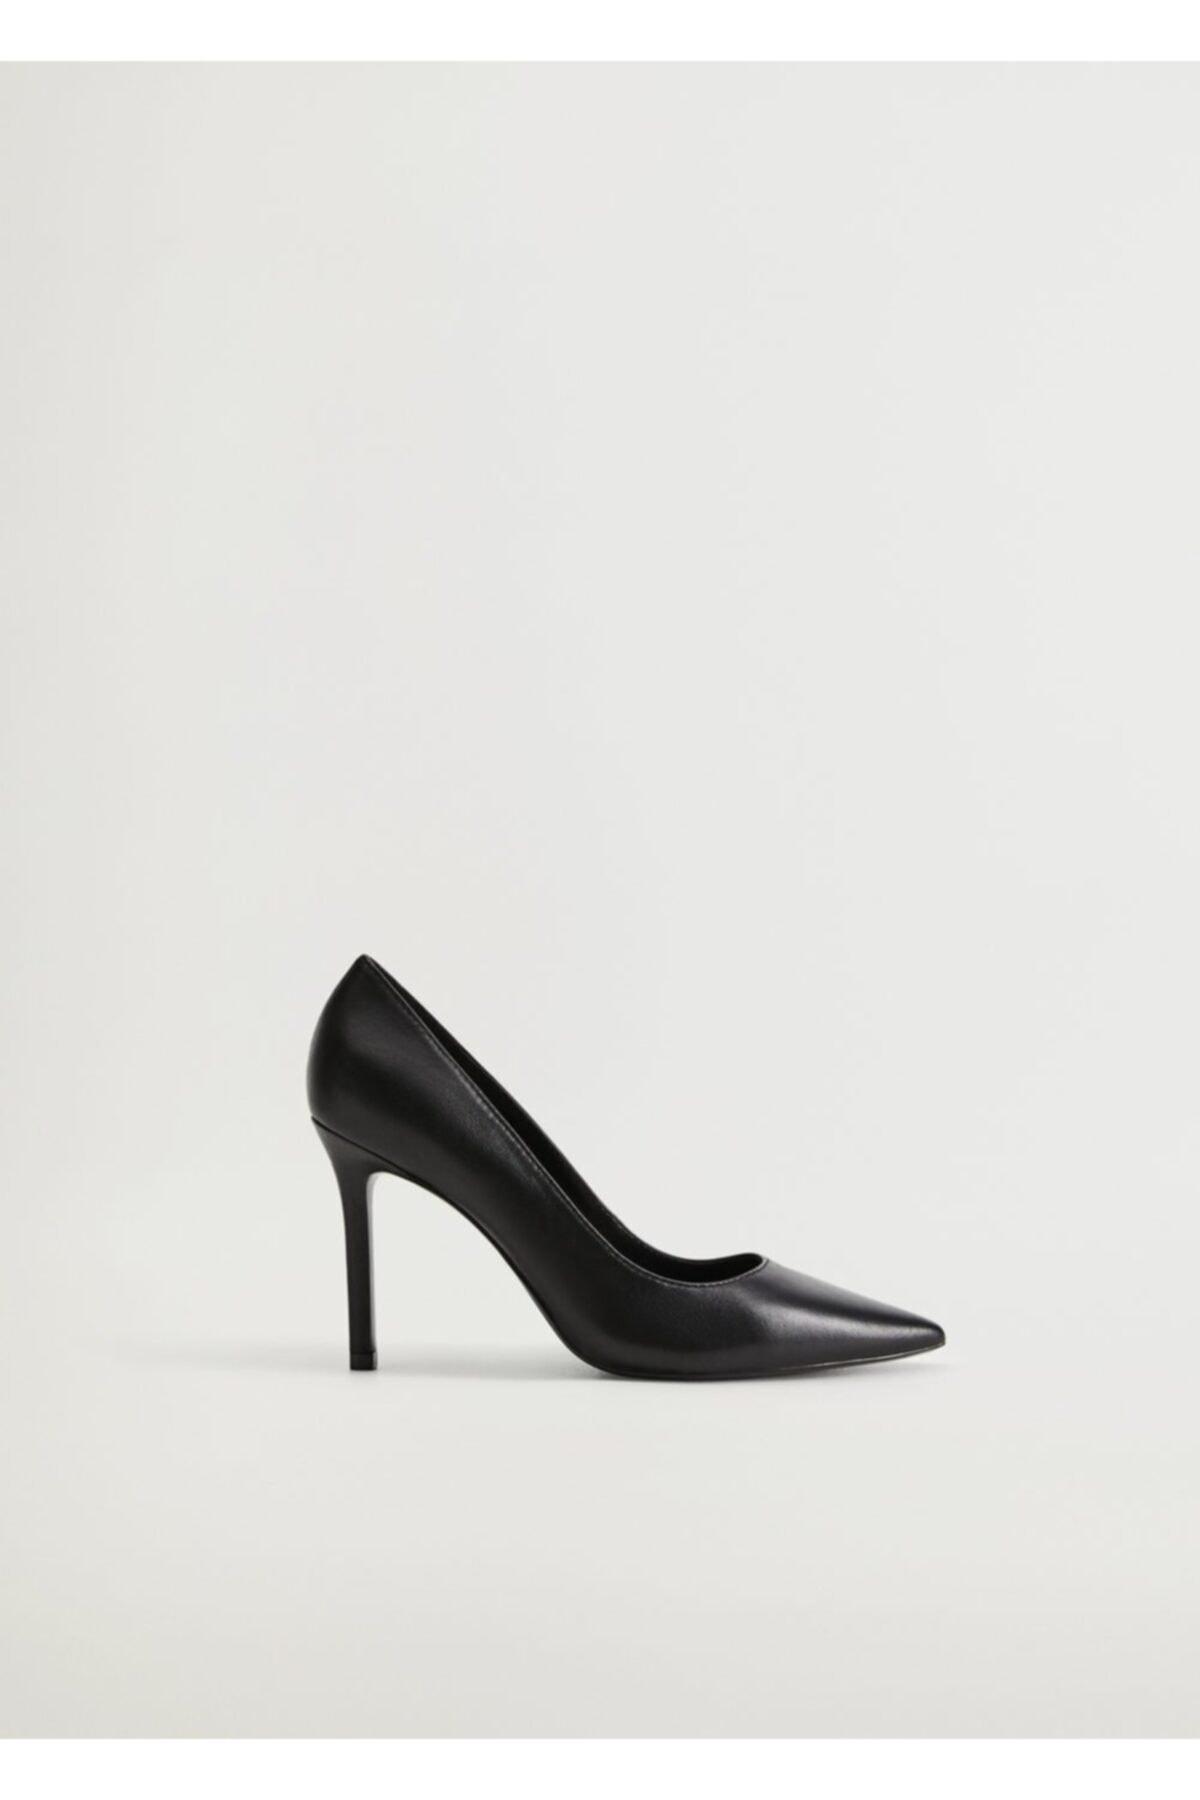 MANGO Woman Kadın Siyah Stiletto Topuklu Ayakkabı 77032891 1